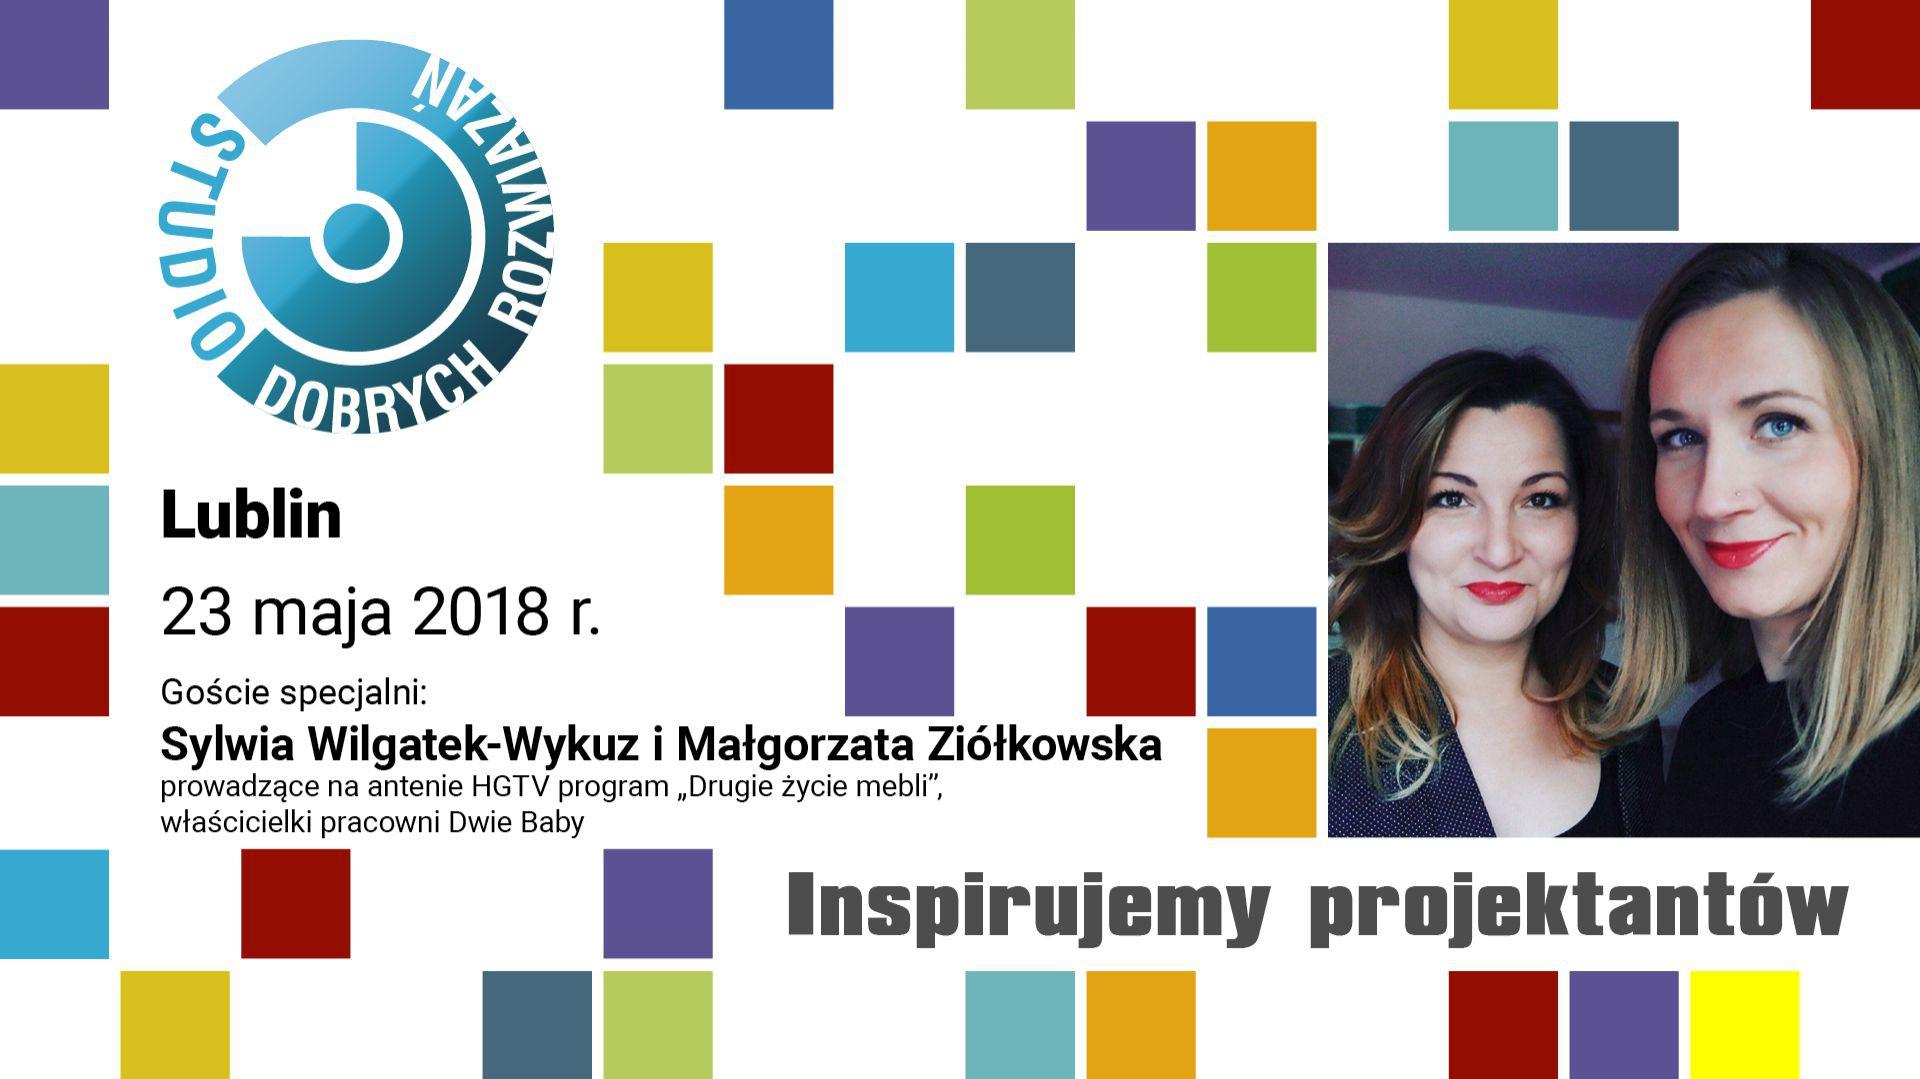 Sylwia Wilgatek-Wykuż i Małgorzata Ziółkowska, prowadzące program Drugie życie mebli, emitowany na antenie HGTV.